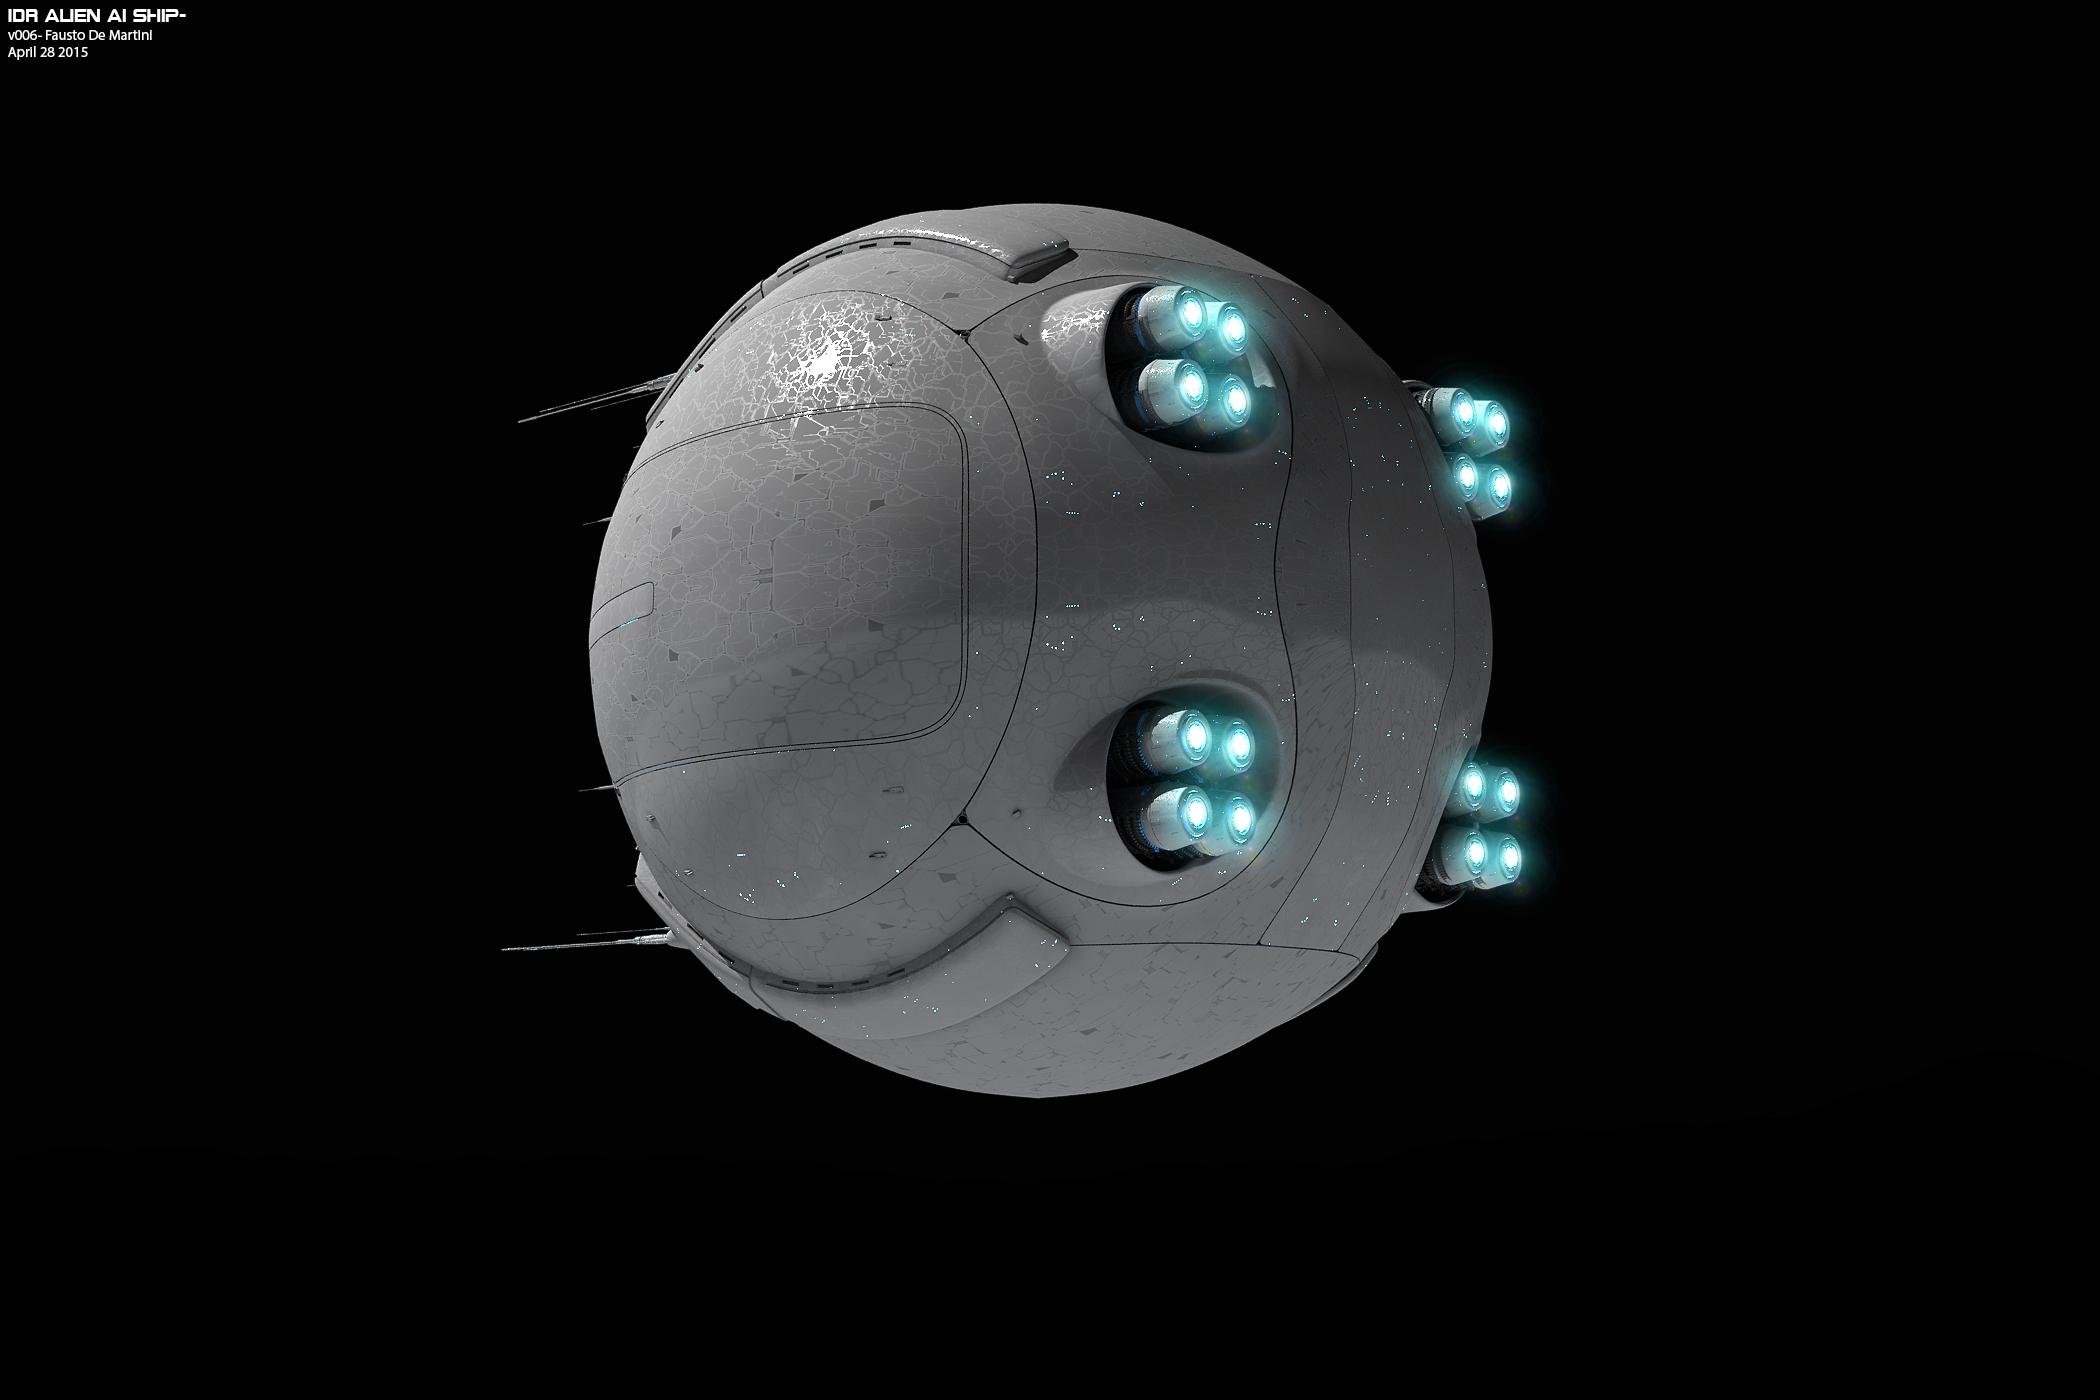 AlienShip_v006_002.jpg